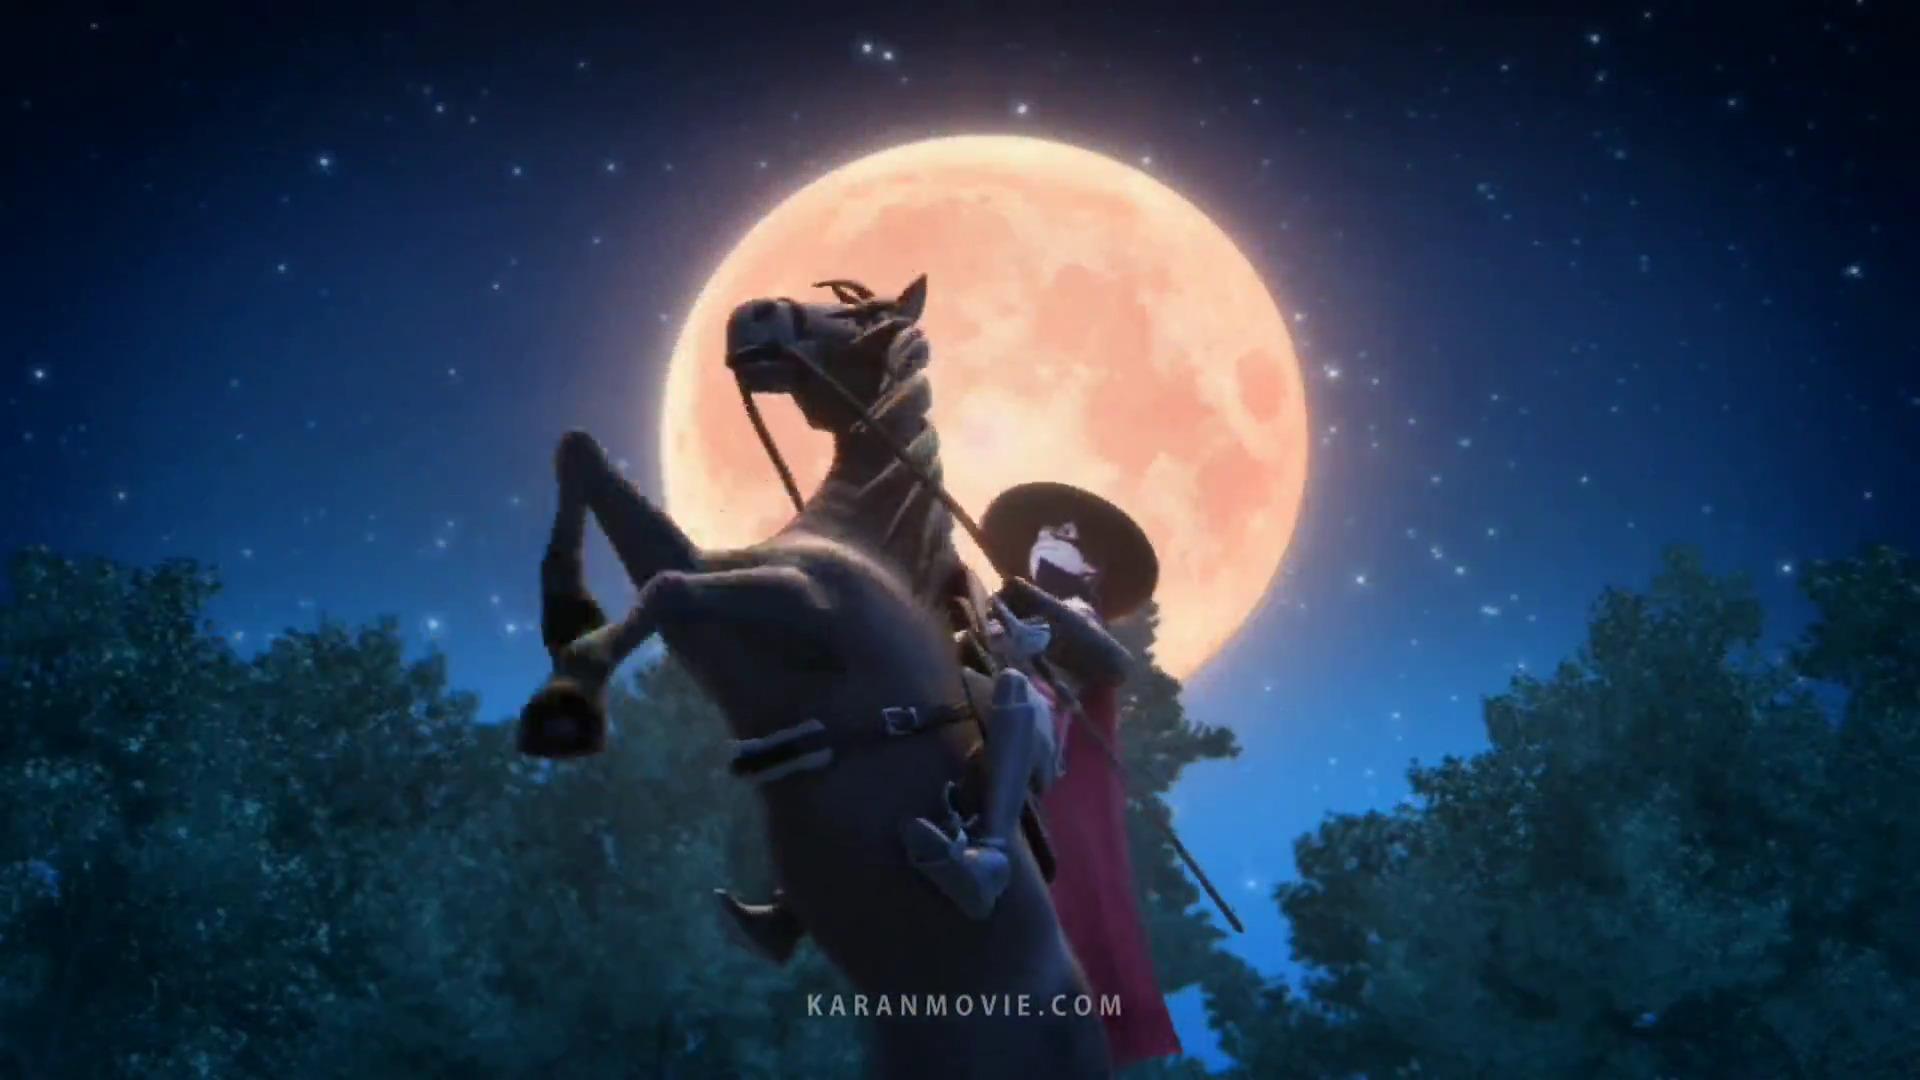 تماشای آنلاین انیمیشن زورو شکست ناپذیر zorro با دوبله فارسی